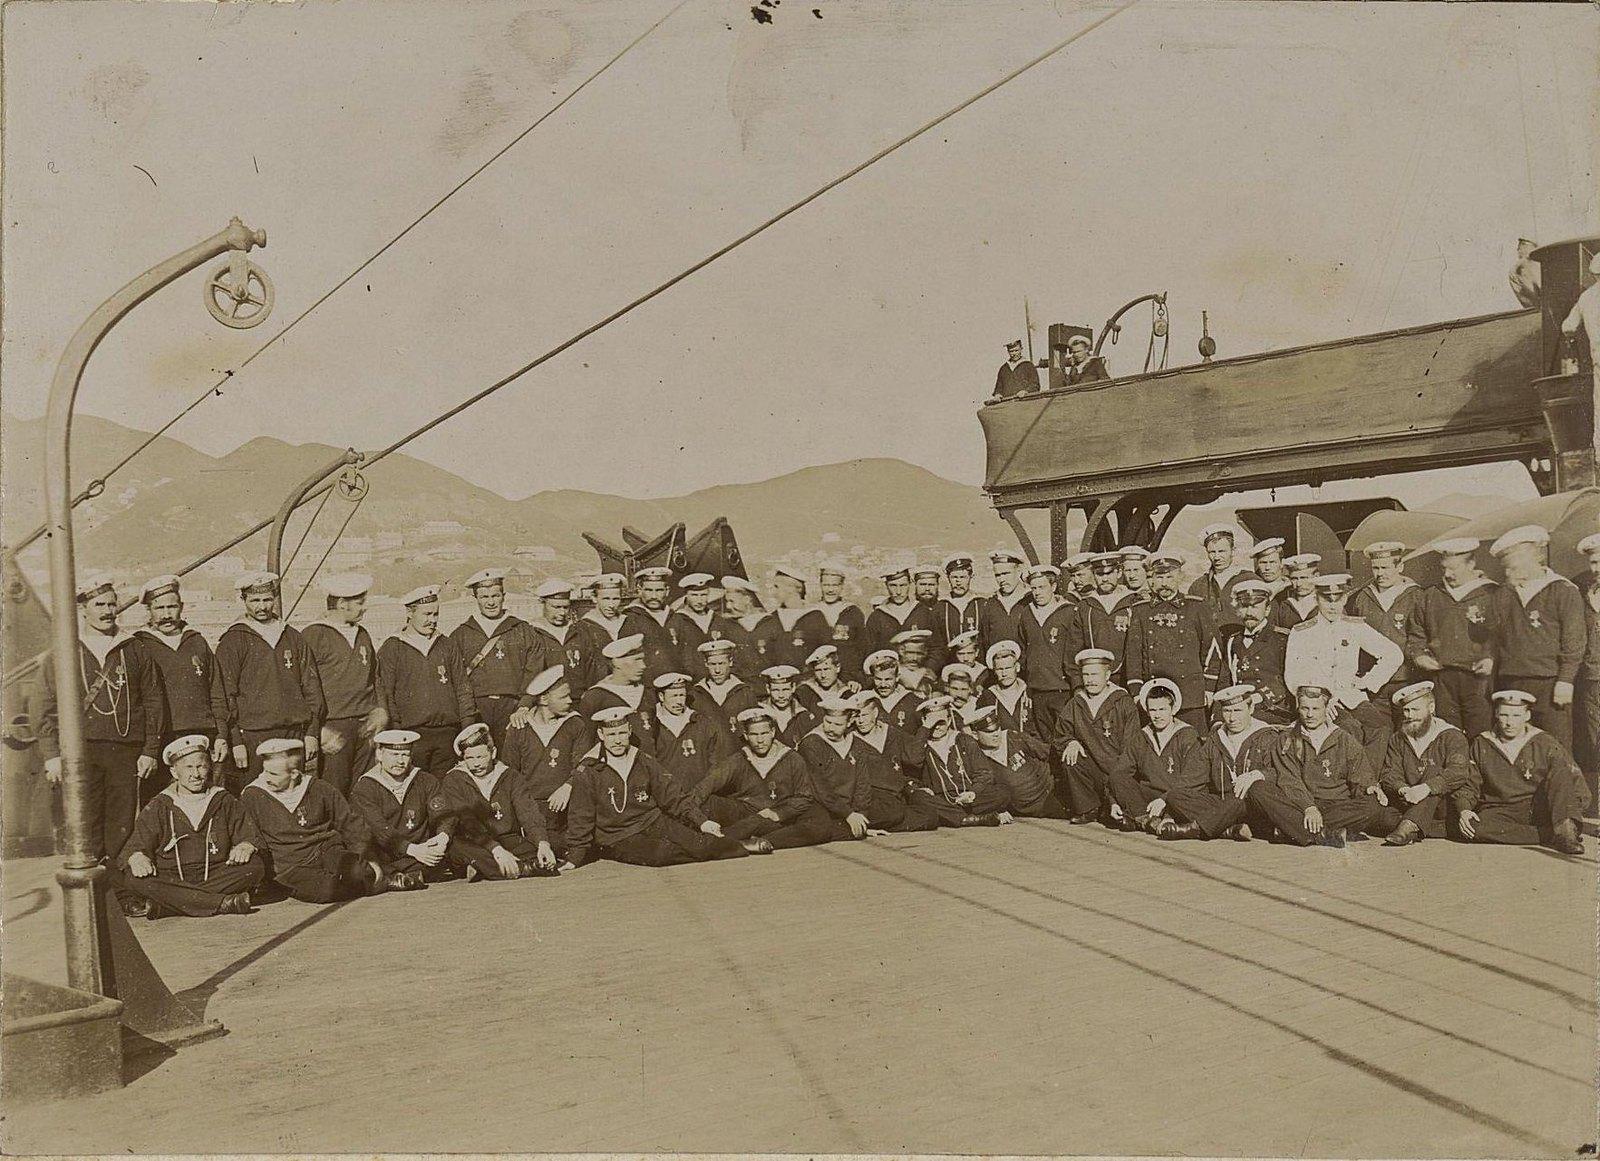 1905. Альбом боевых действий Владивостокского отряда крейсеров. Часть 5